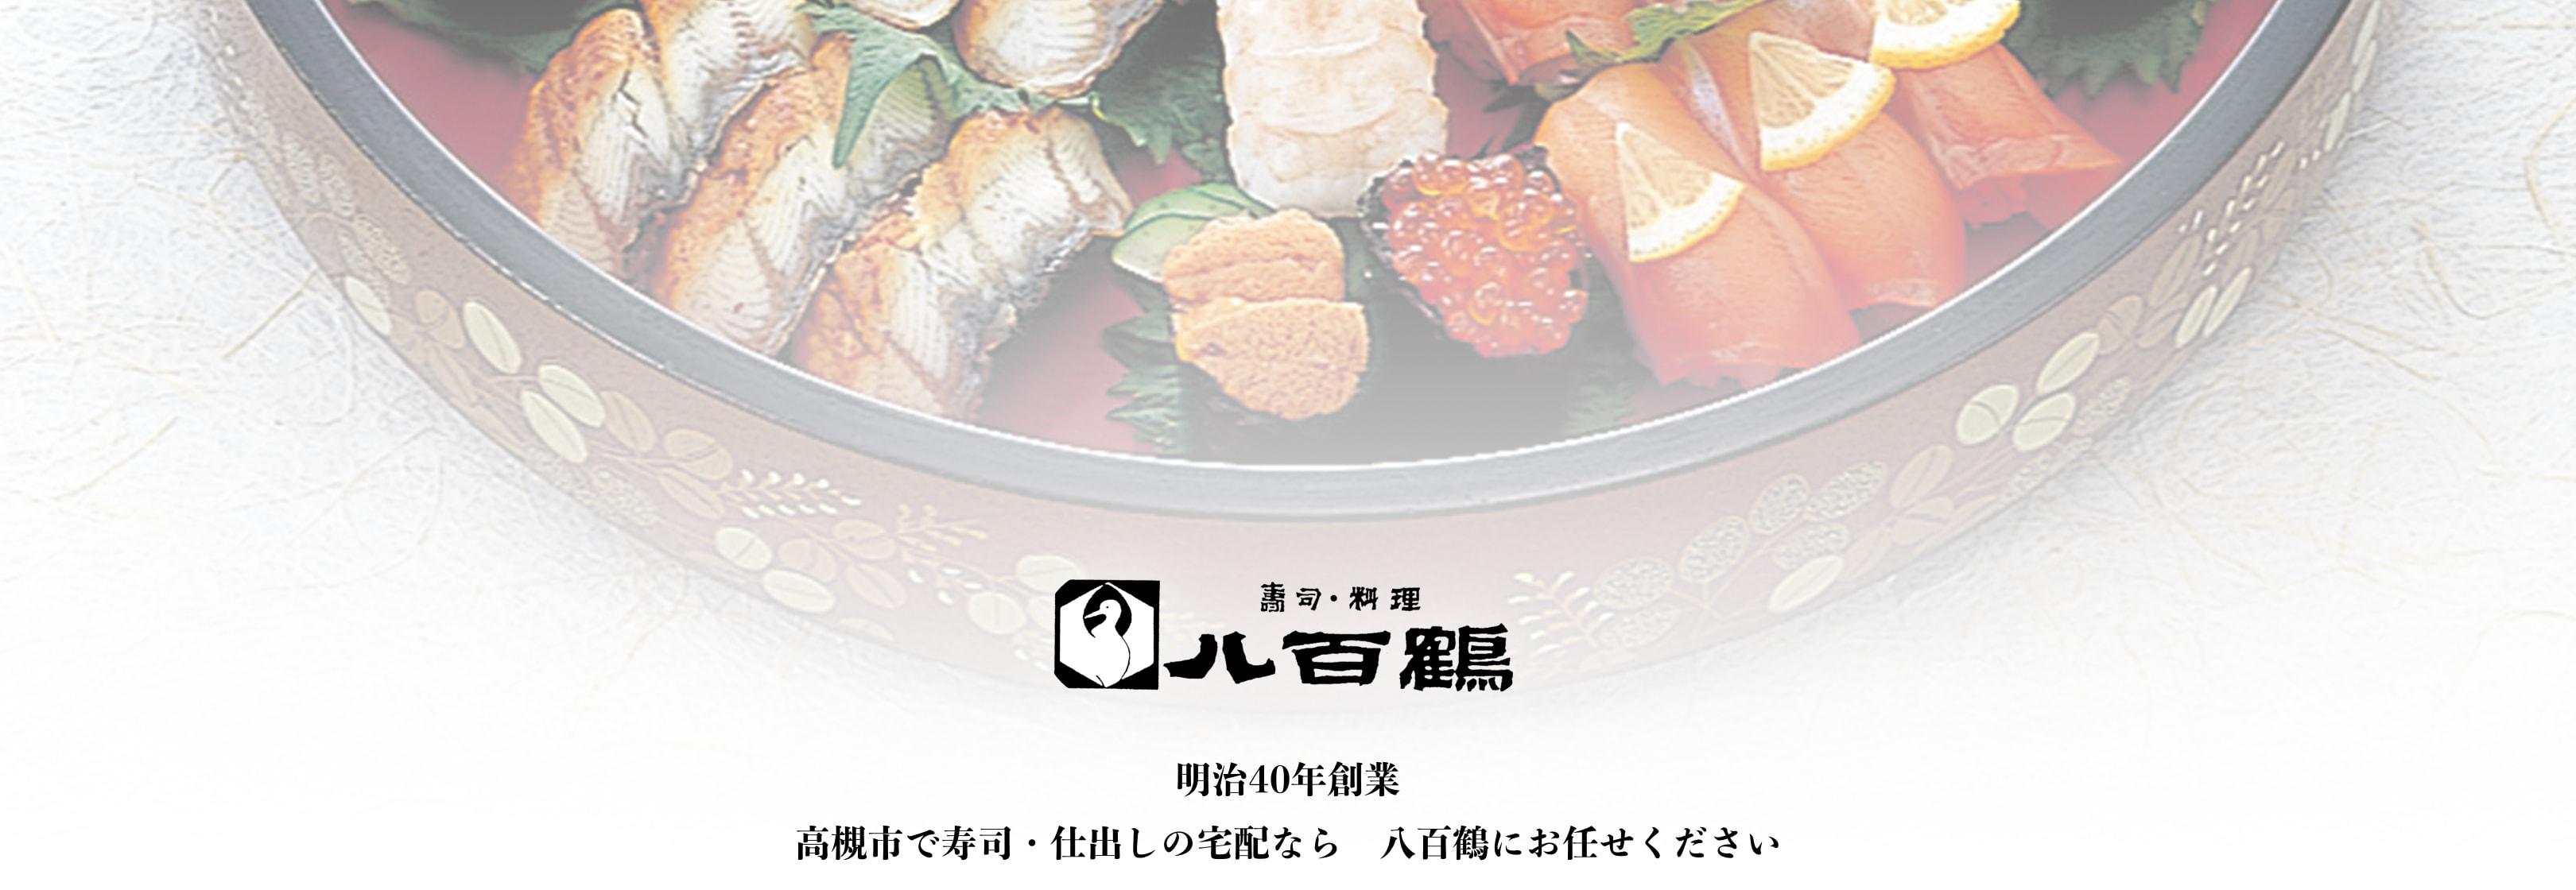 明治40年創業。高槻で寿司・仕出しの宅配なら八百鶴にお任せください。